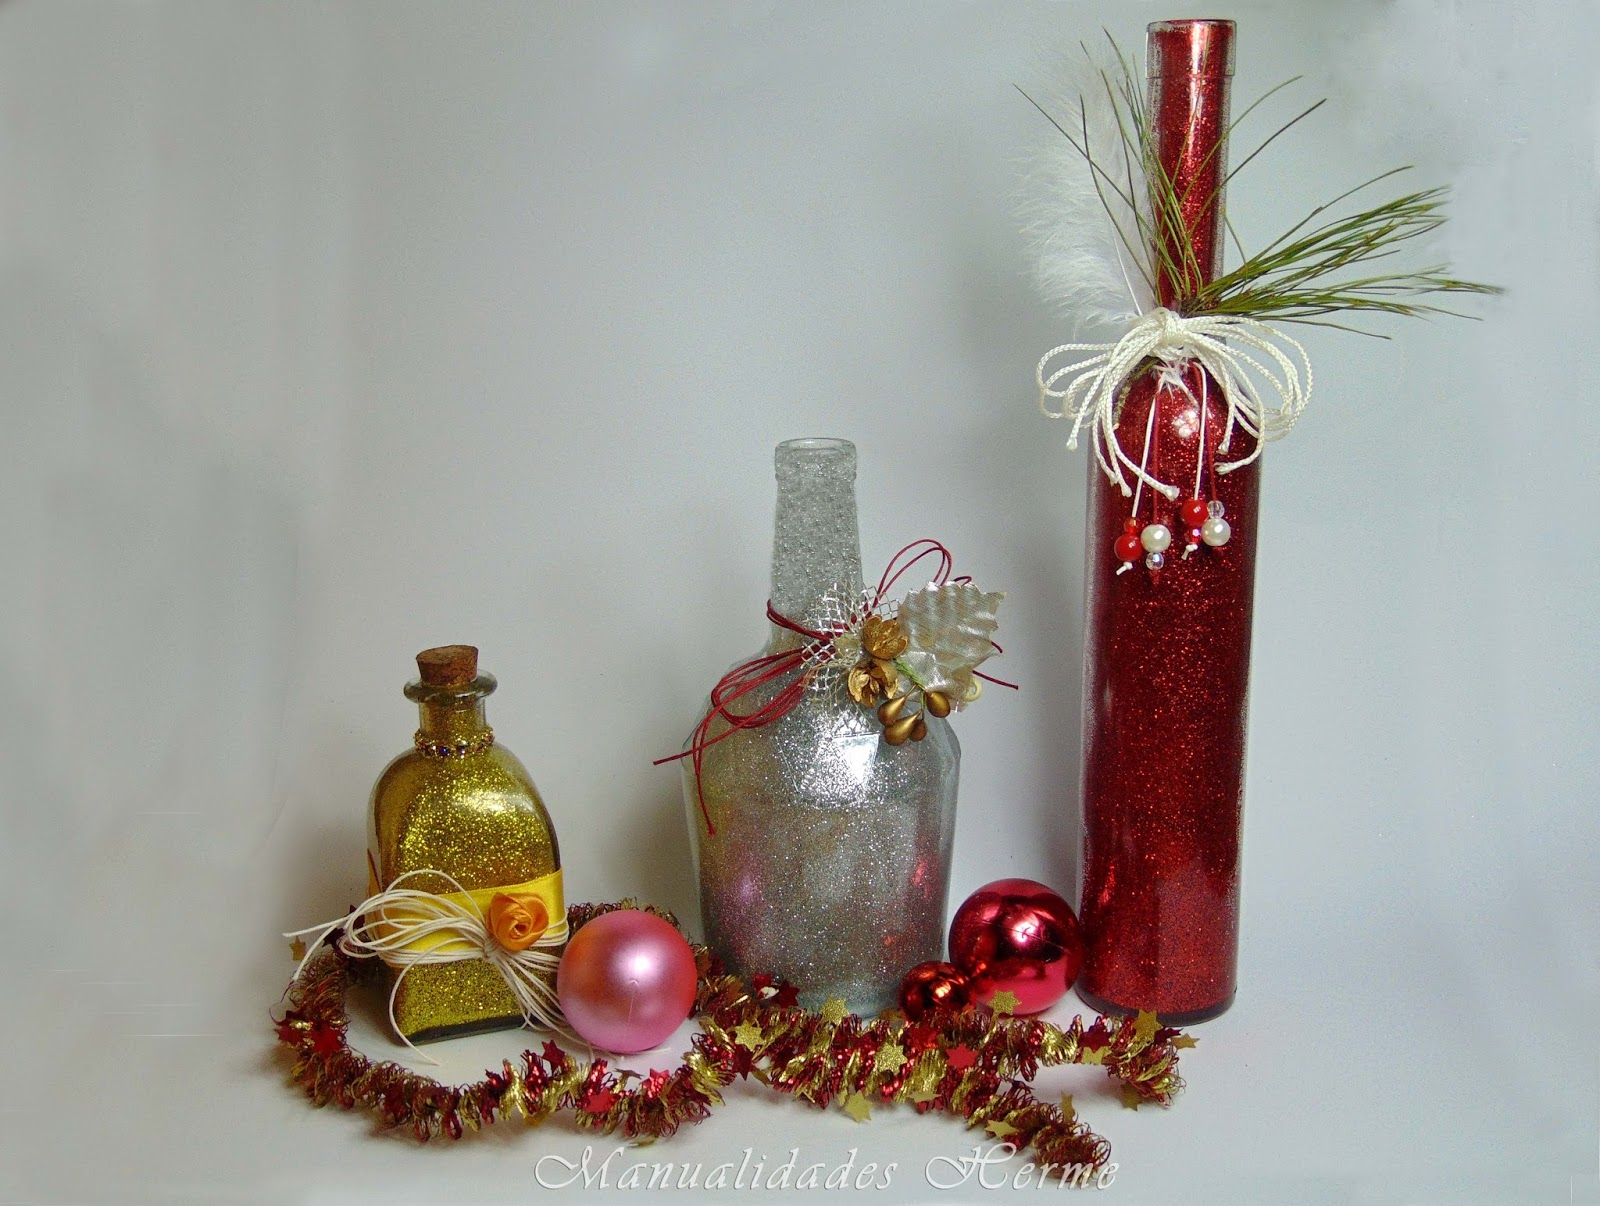 Manualidades herme diy botella decorada para navidad - Decorar botellas de cristal ...